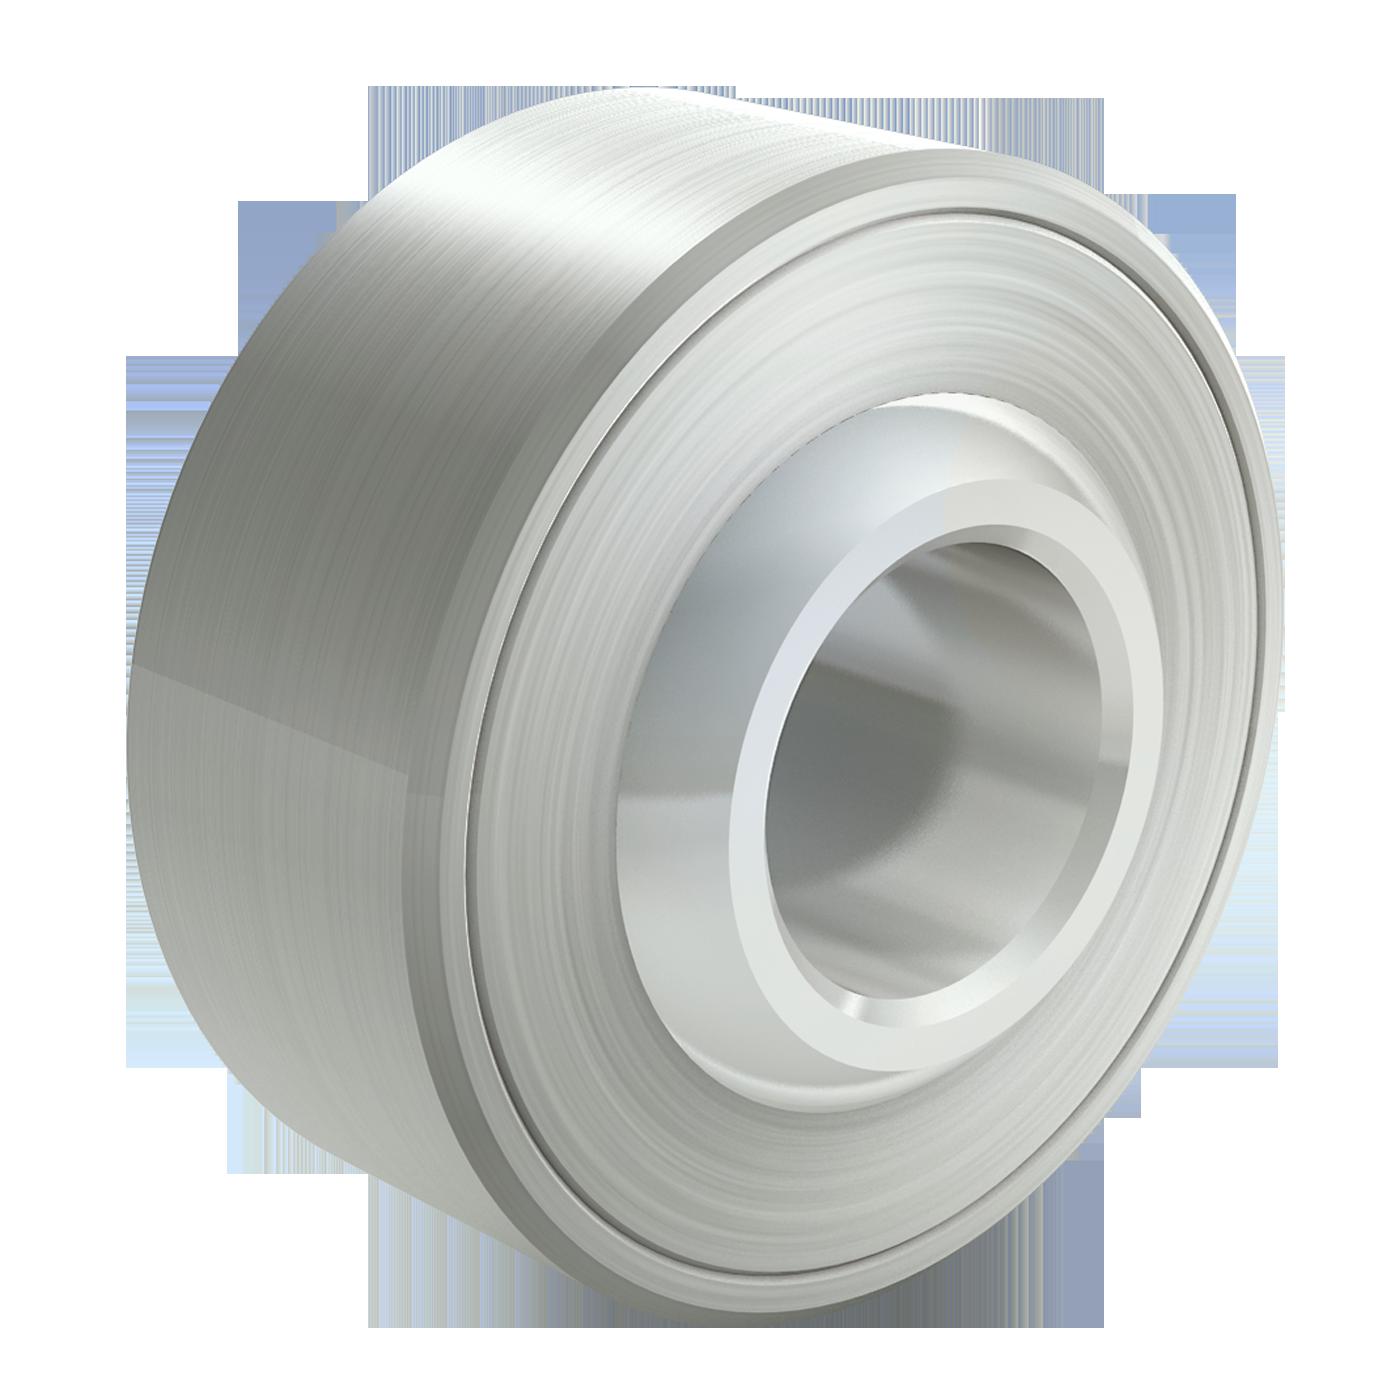 Pivoting bearings DIN ISO 12240-1 (DIN 648) K series maintenance-free version